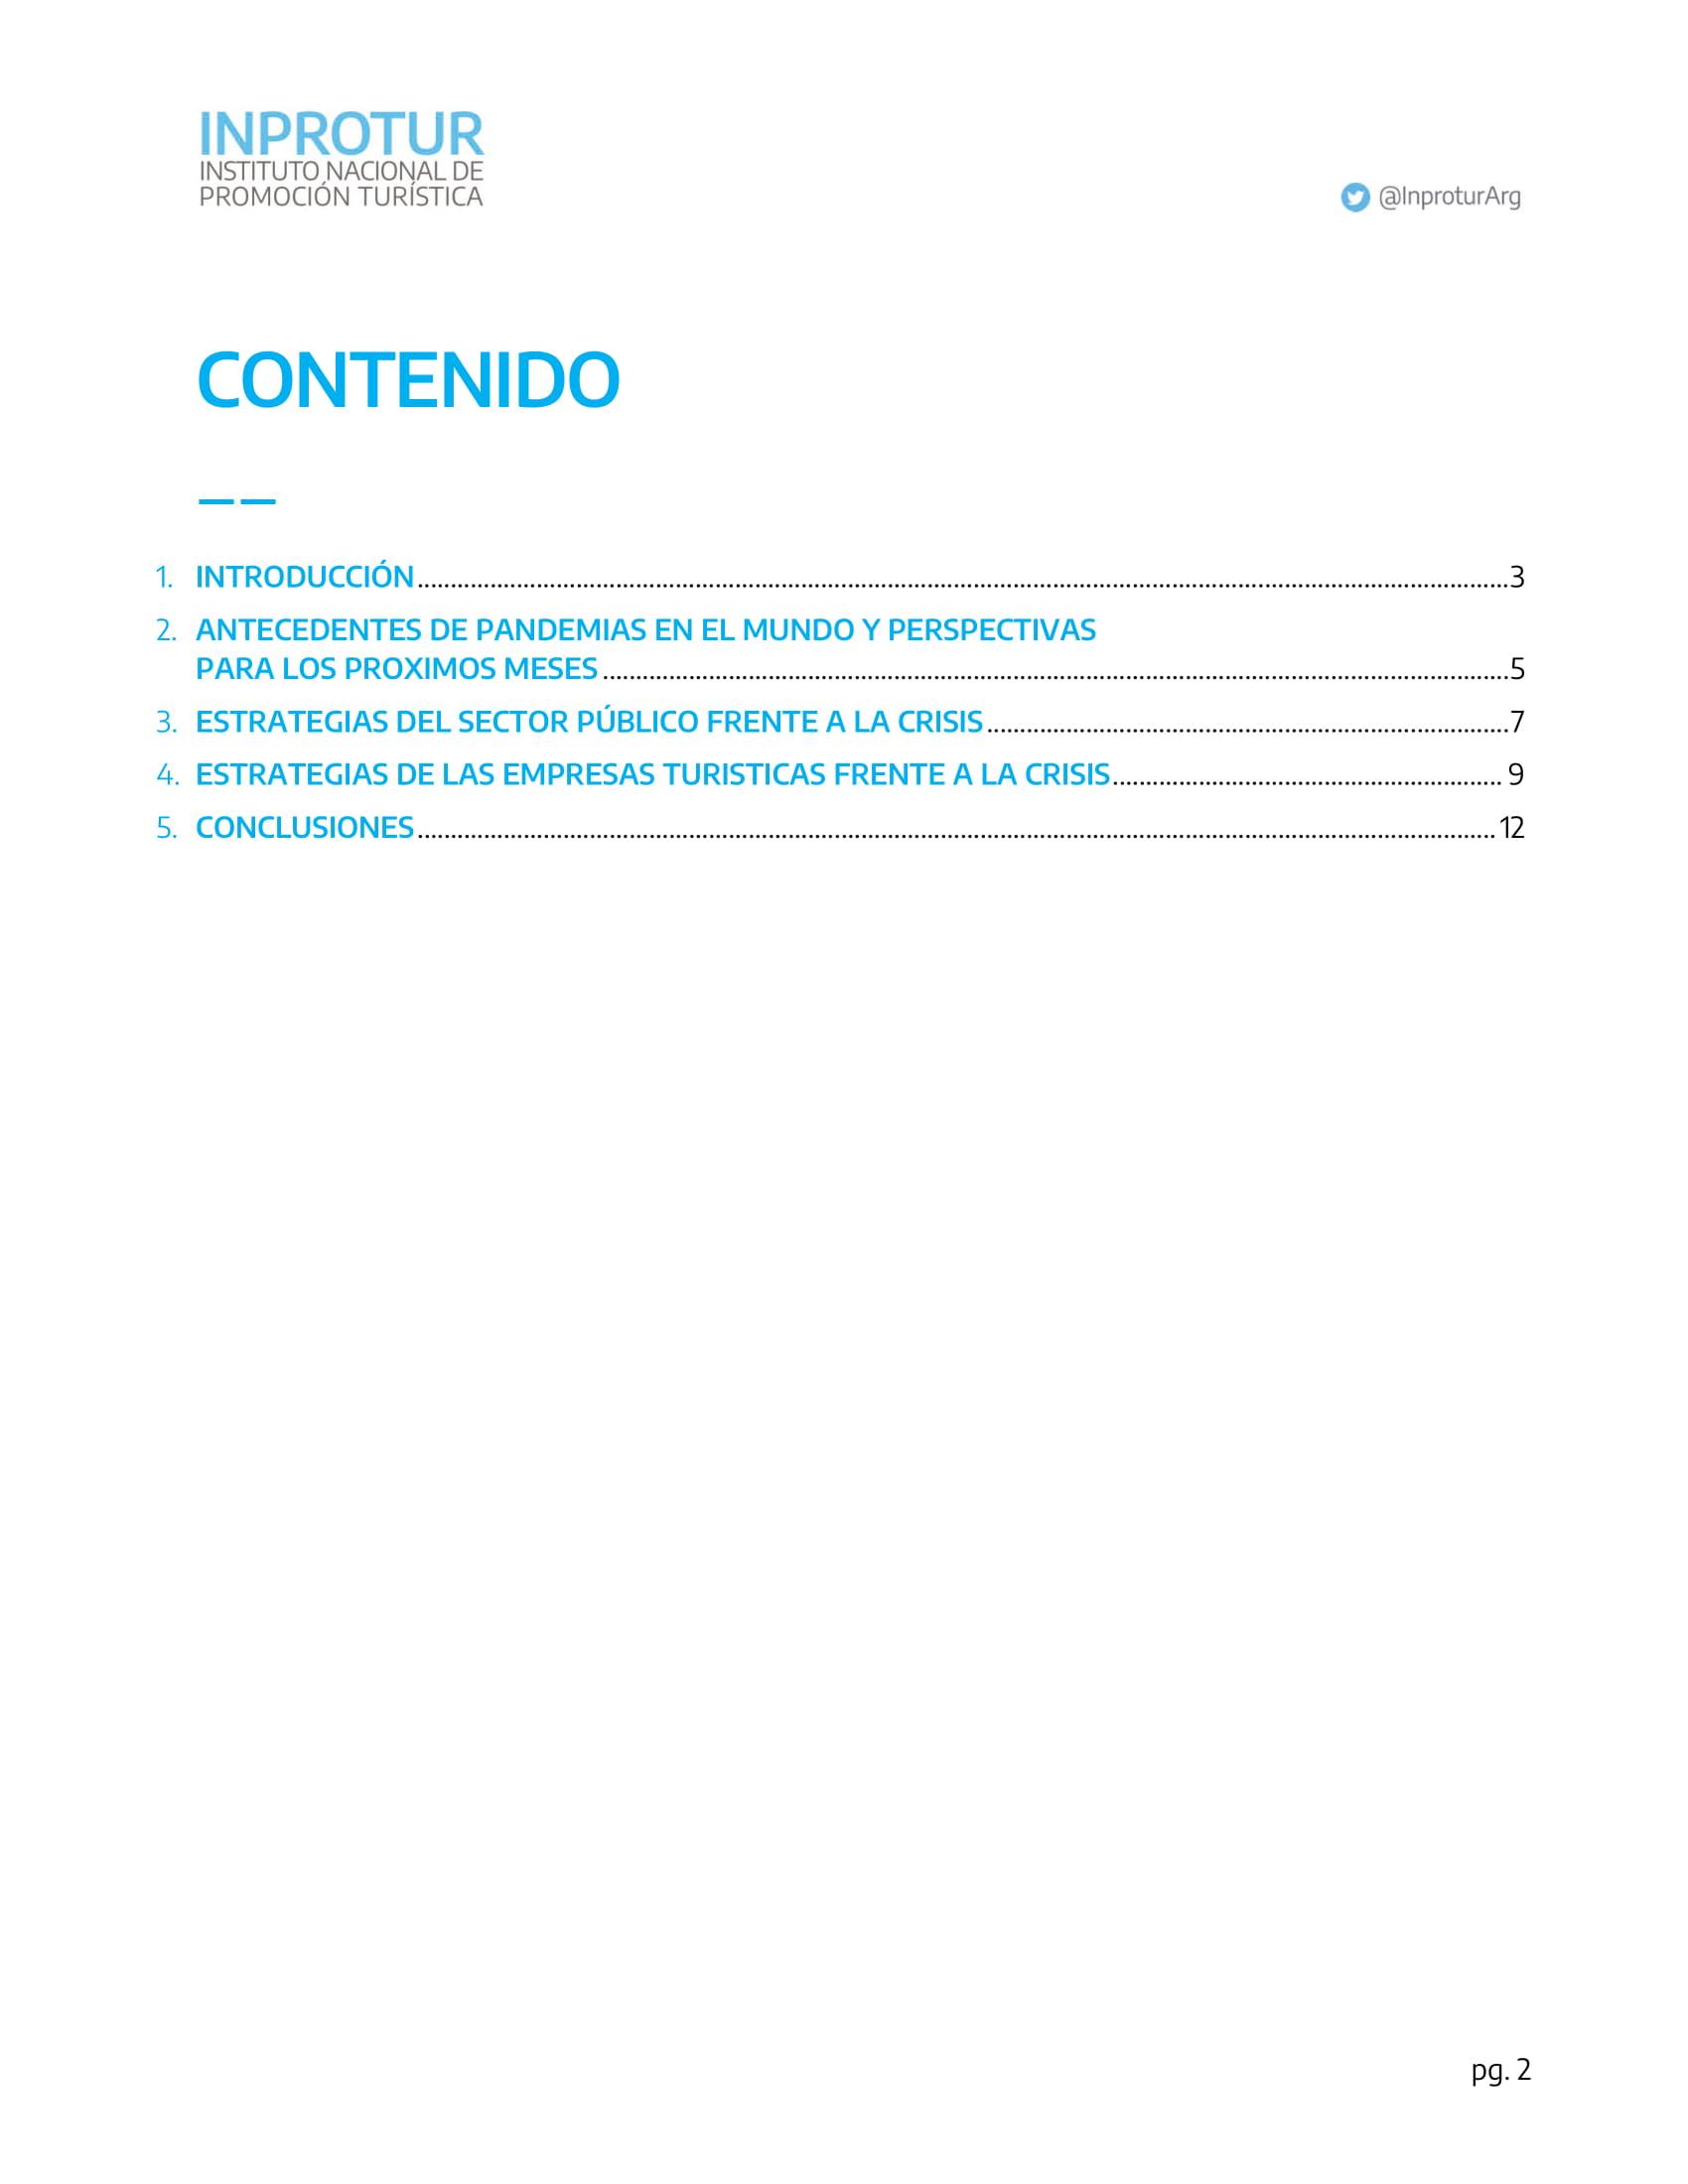 Informe-de-coyuntura-Turismo-y-Coronavirus-2020-02